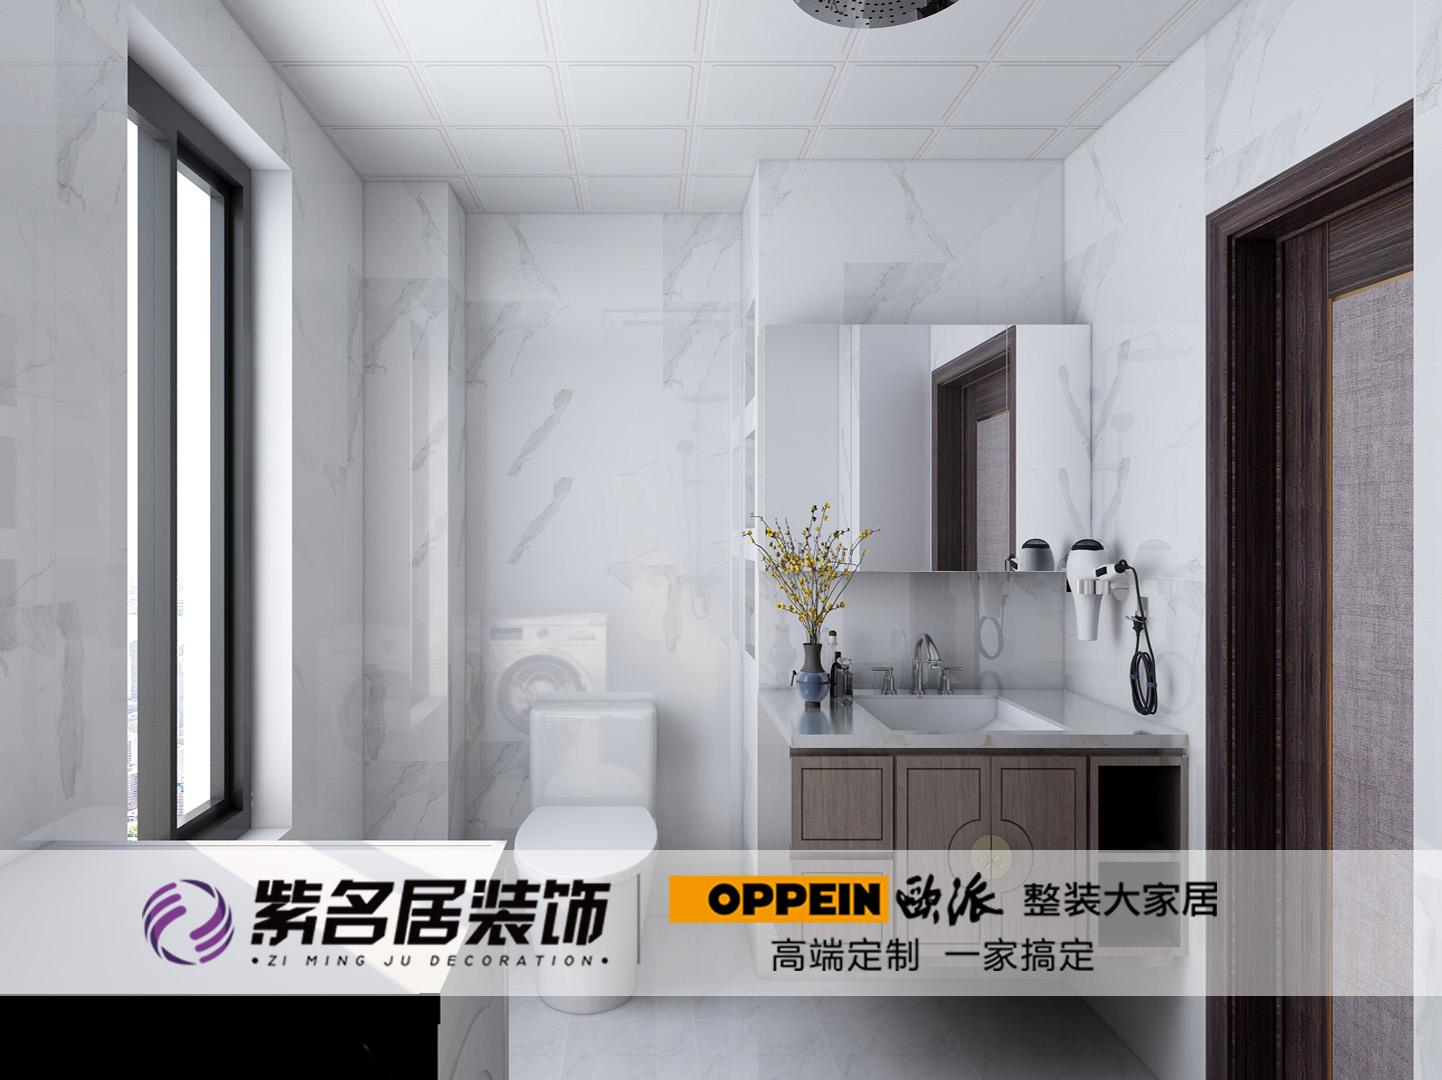 唐山装修案例红梅公寓 古韵古色的新中式